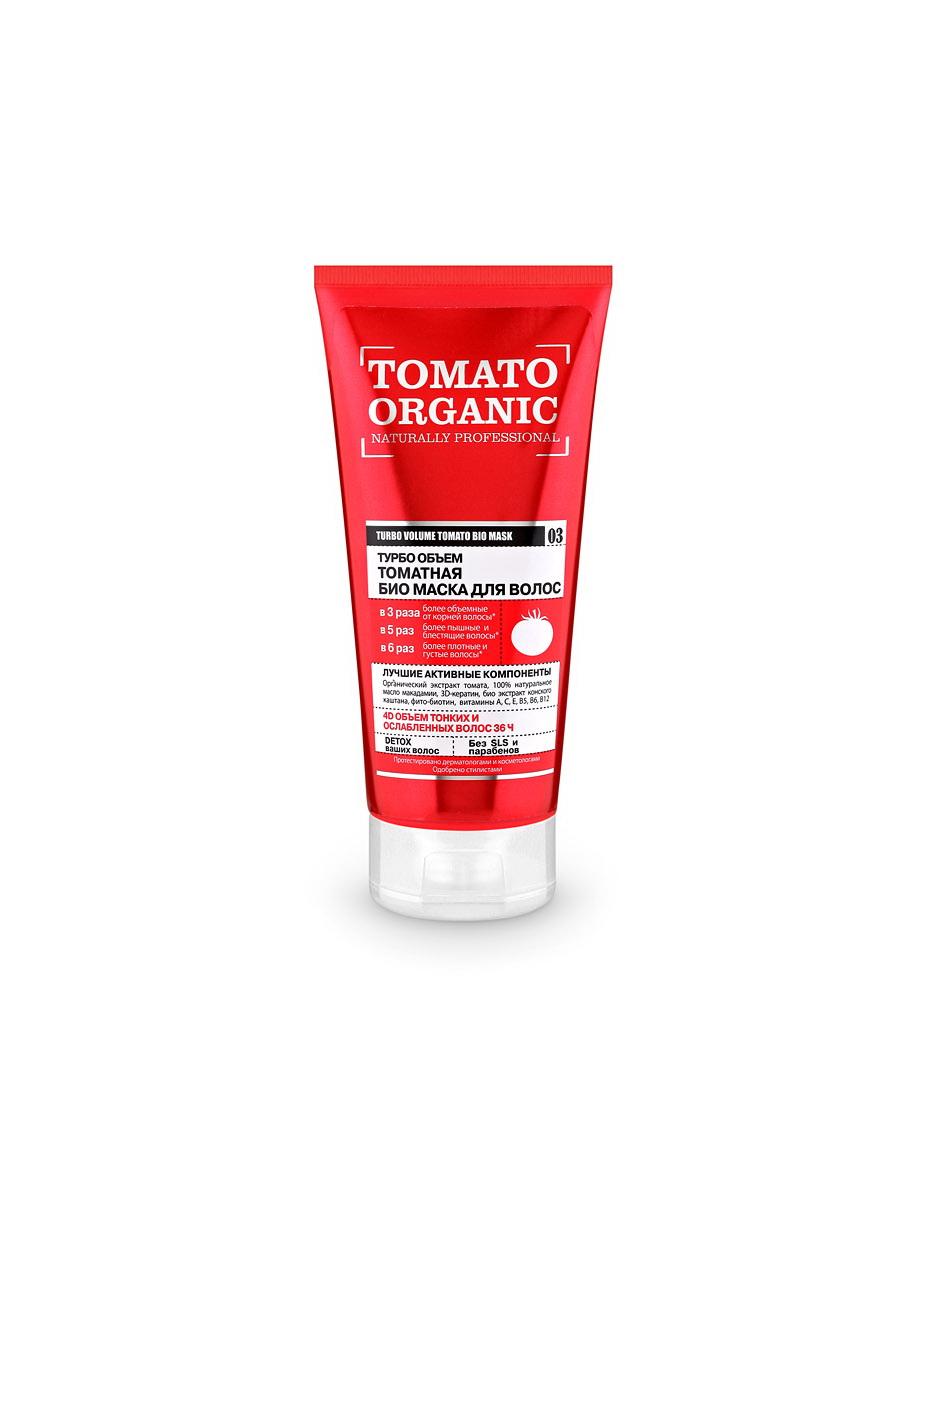 Оrganic Shop Naturally Professional Био-маска для волос Турбо объем, томатная, 200 млMP59.4DОрганический экстракт томата придает волосам роскошный объем и укрепляет их структуру. 100% натуральное масло макадамии обеспечивает полноценное питание волос, не утяжеляя их, придает блеск. Био-экстракт конского каштана придает волосам дополнительную пышность. 3D-кератин заполняет поврежденные участки волос, придавая им гладкость и шелковистость. Фито-биотин укрепляет корни волос, делая их густыми, объемными и крепкими.Товар сертифицирован.